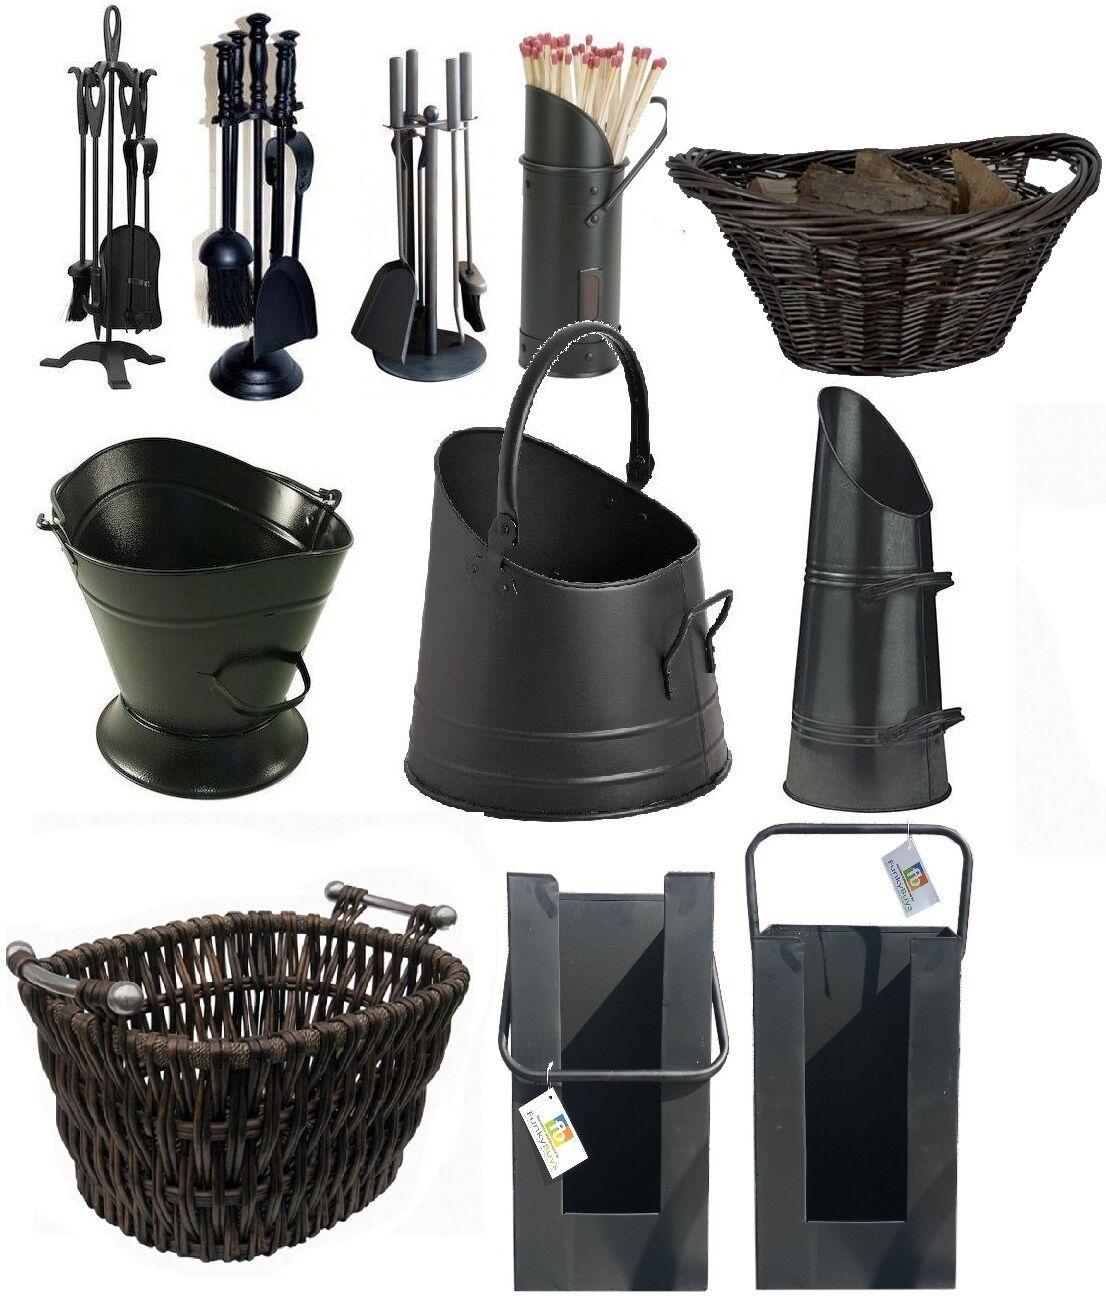 coal fire accessories ebay